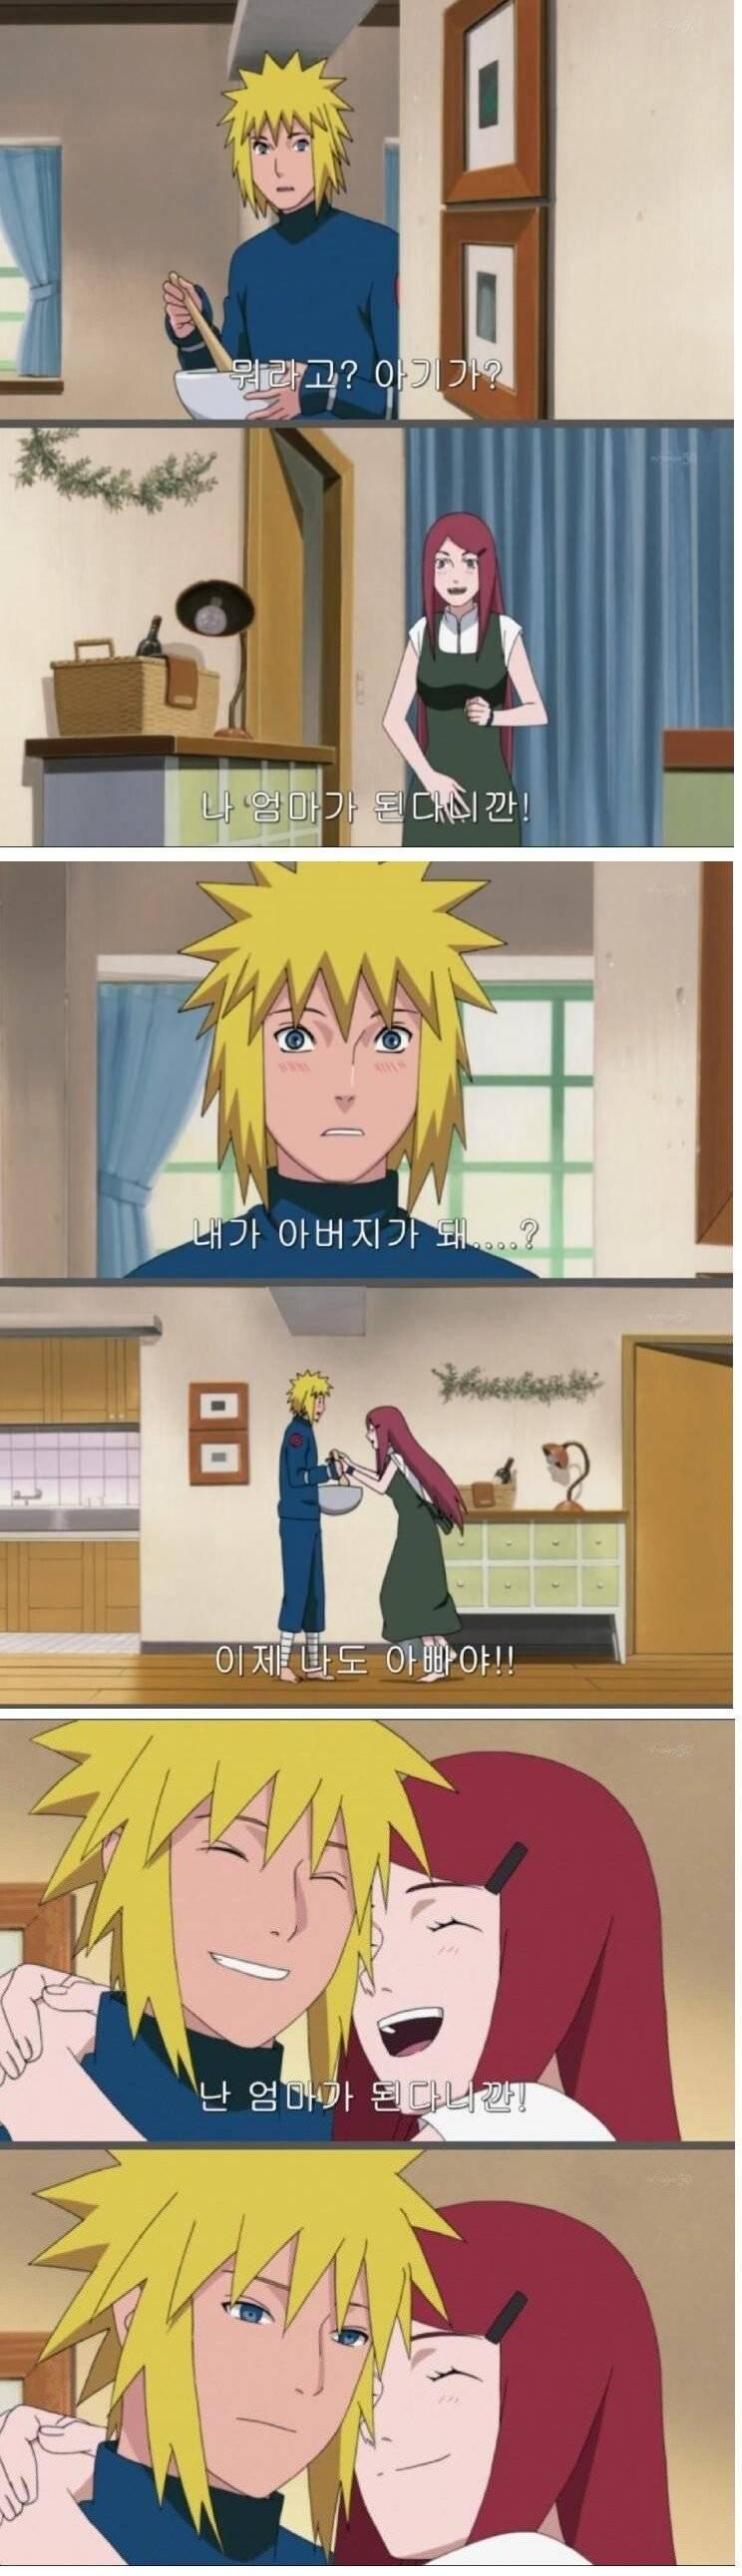 일본 남자....여자친구 임신 반응...jpg   인스티즈